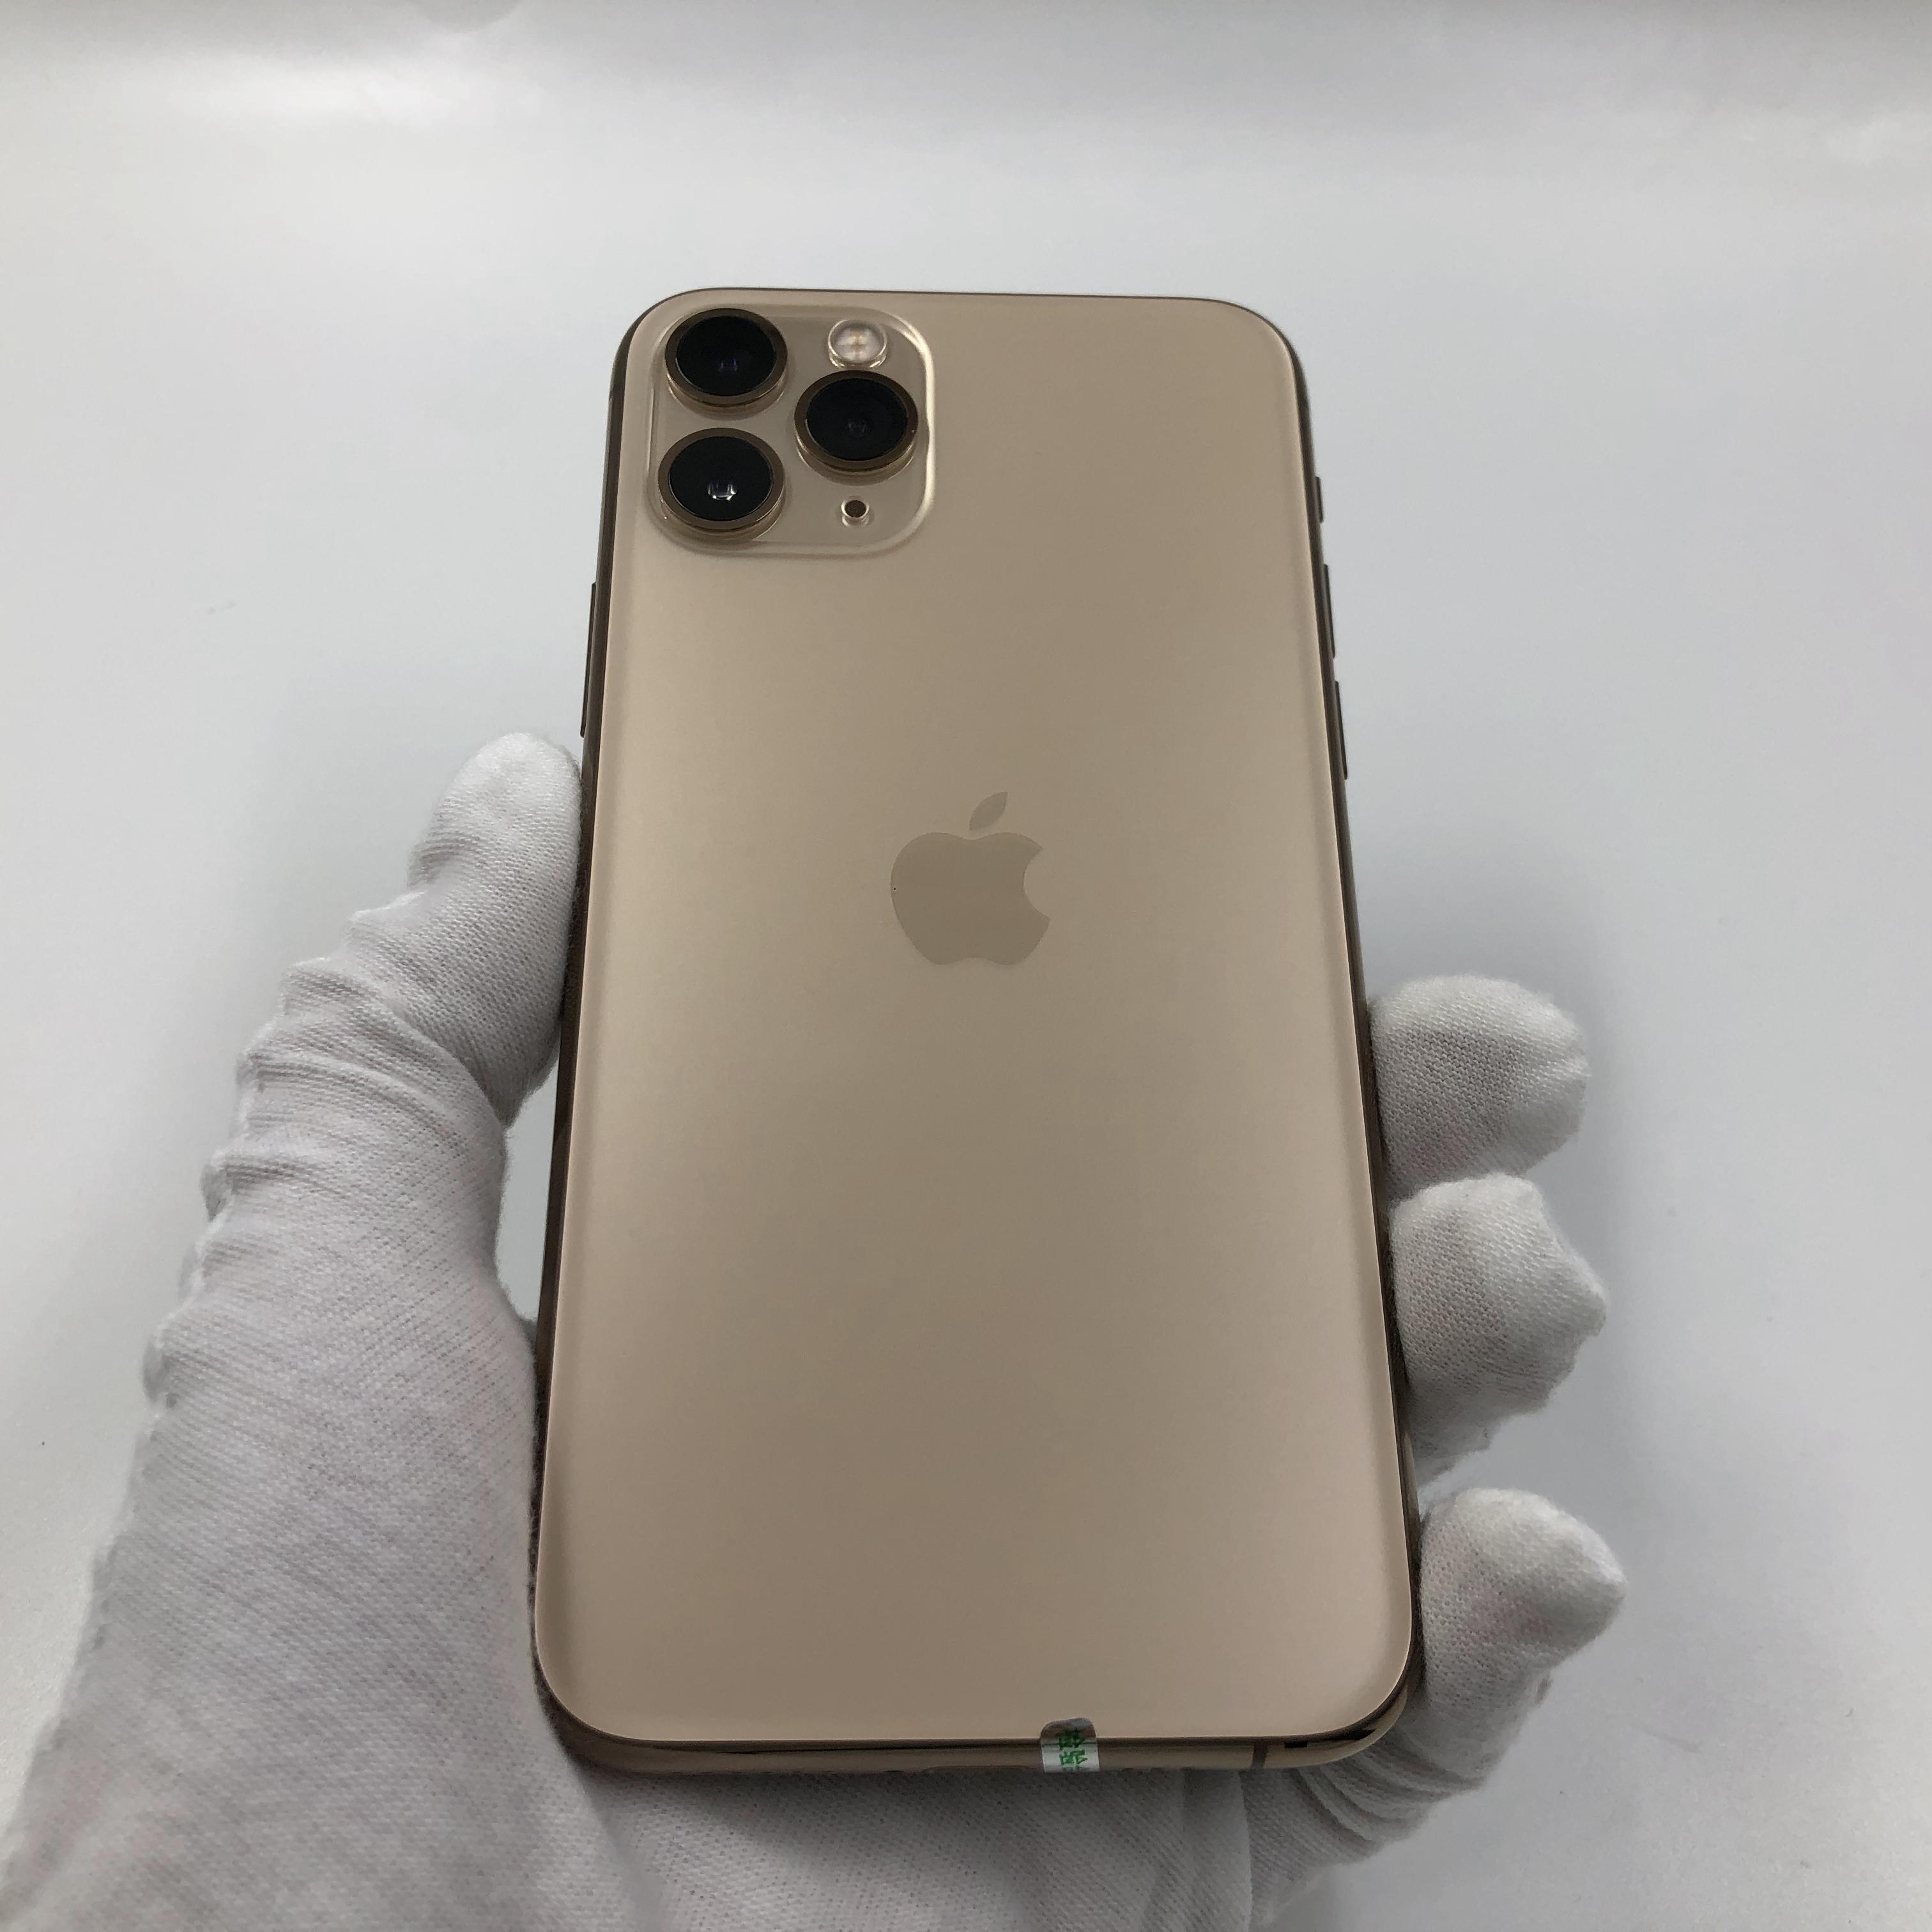 苹果【iPhone 11 Pro】4G全网通 金色 256G 国行 95新 真机实拍